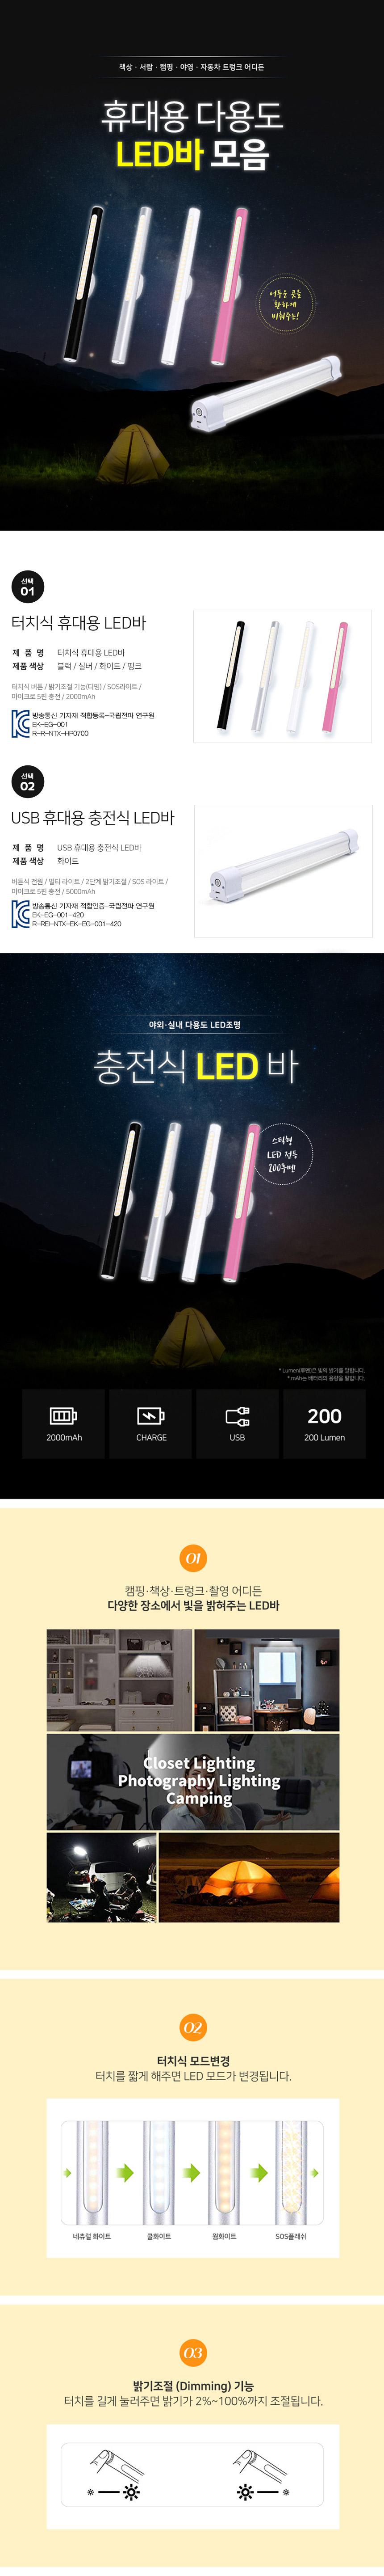 KC인증] USB충전식 휴대용 LED바 (옵션선택) / 디바이스마트